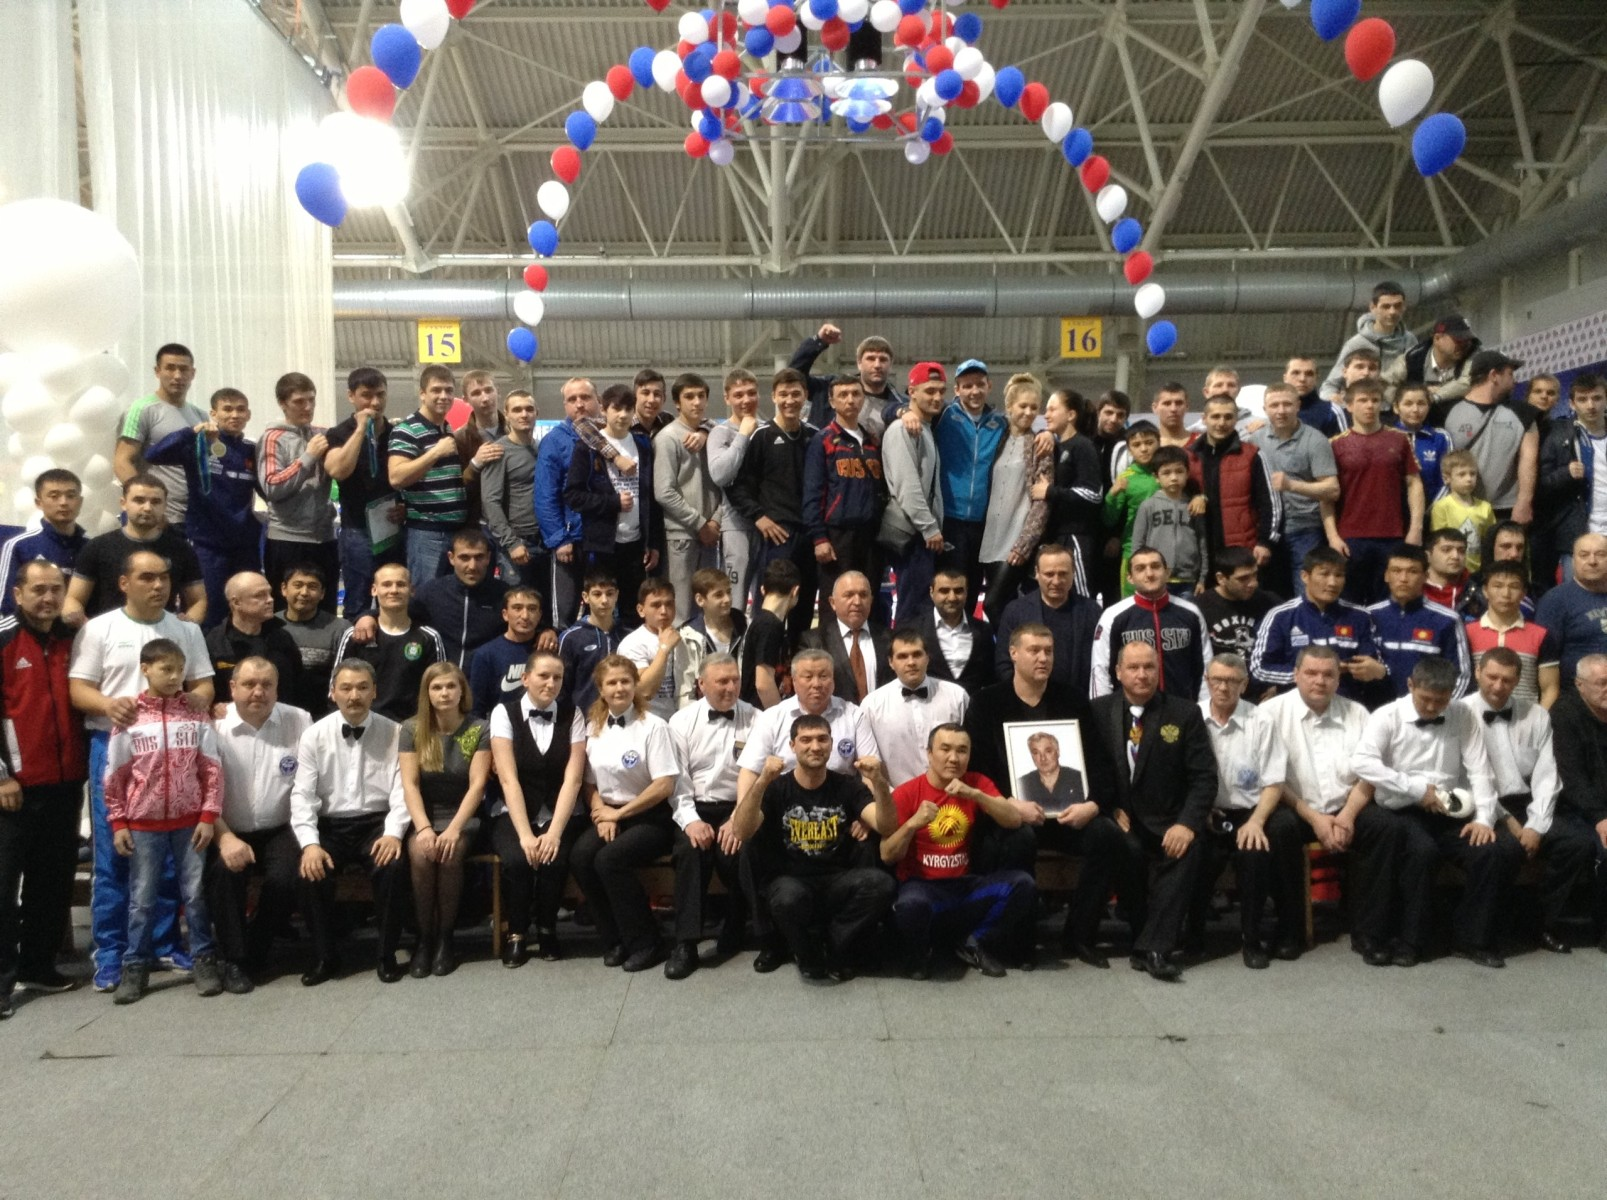 Участники турнира памяти Павла Малаховского 2015 в Сургуте